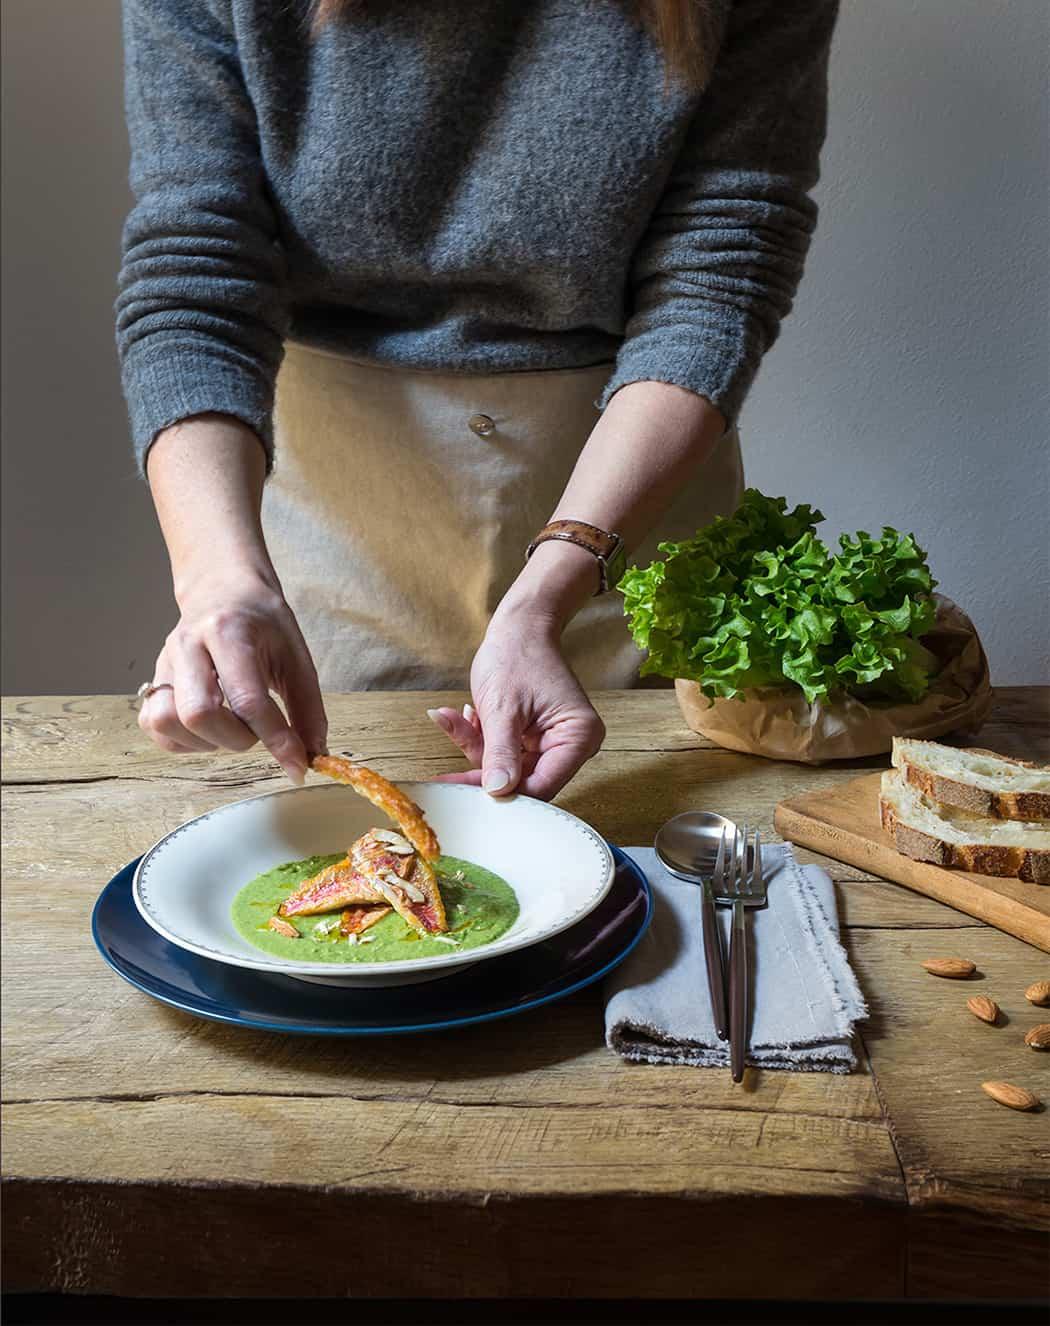 ricetta triglie con insalata gentile Lusia